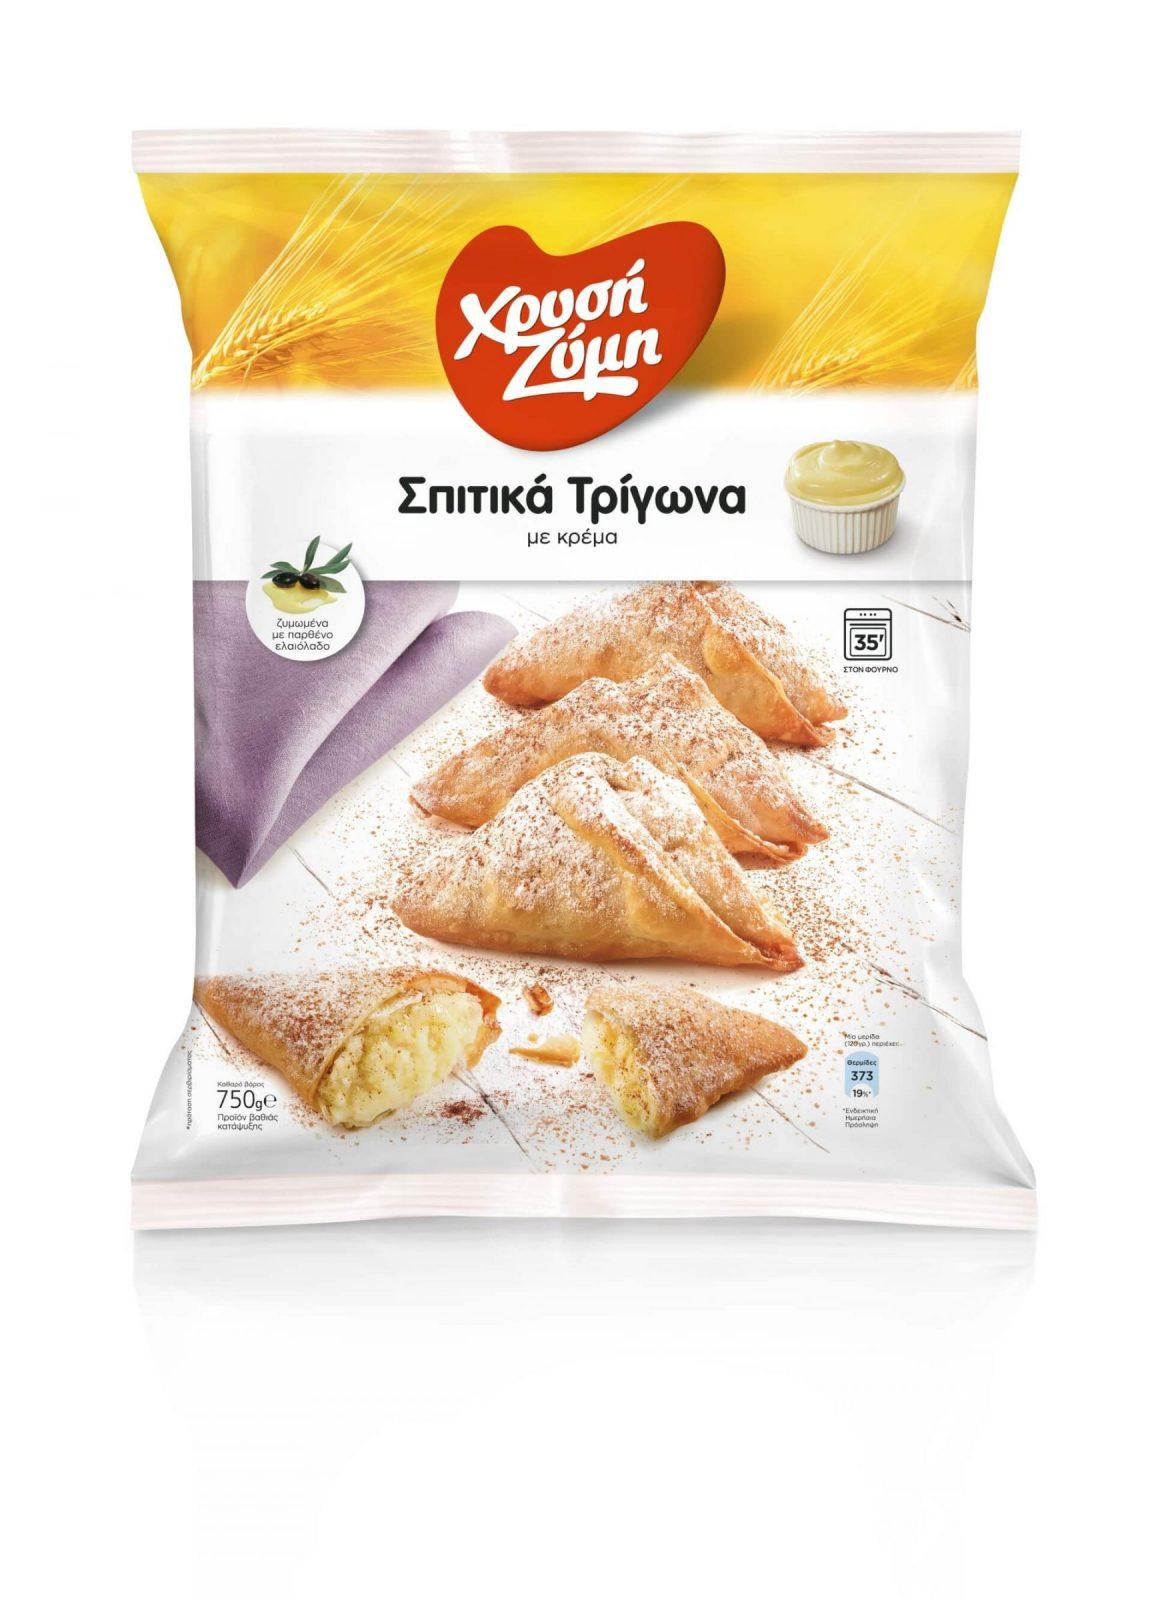 XRYSI ZYMI spitika trigwna cream 750g scaled